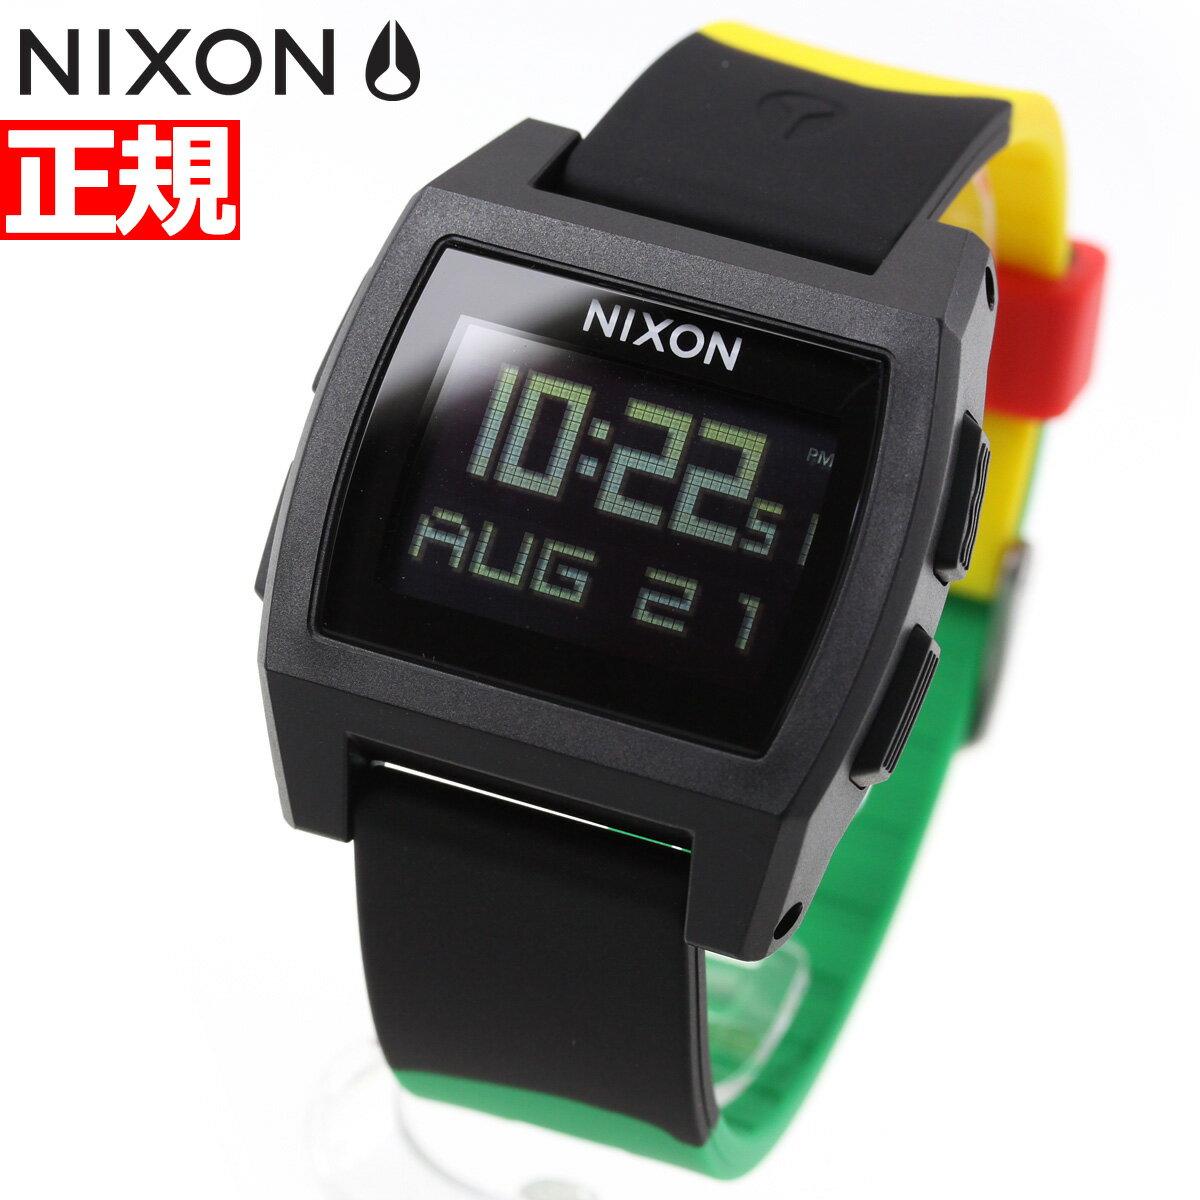 本日ポイント最大37倍!26日1時59分まで!ニクソン NIXON ベースタイド BASE TIDE 腕時計 メンズ レディース ラスタ NA11041114-00【2018 新作】